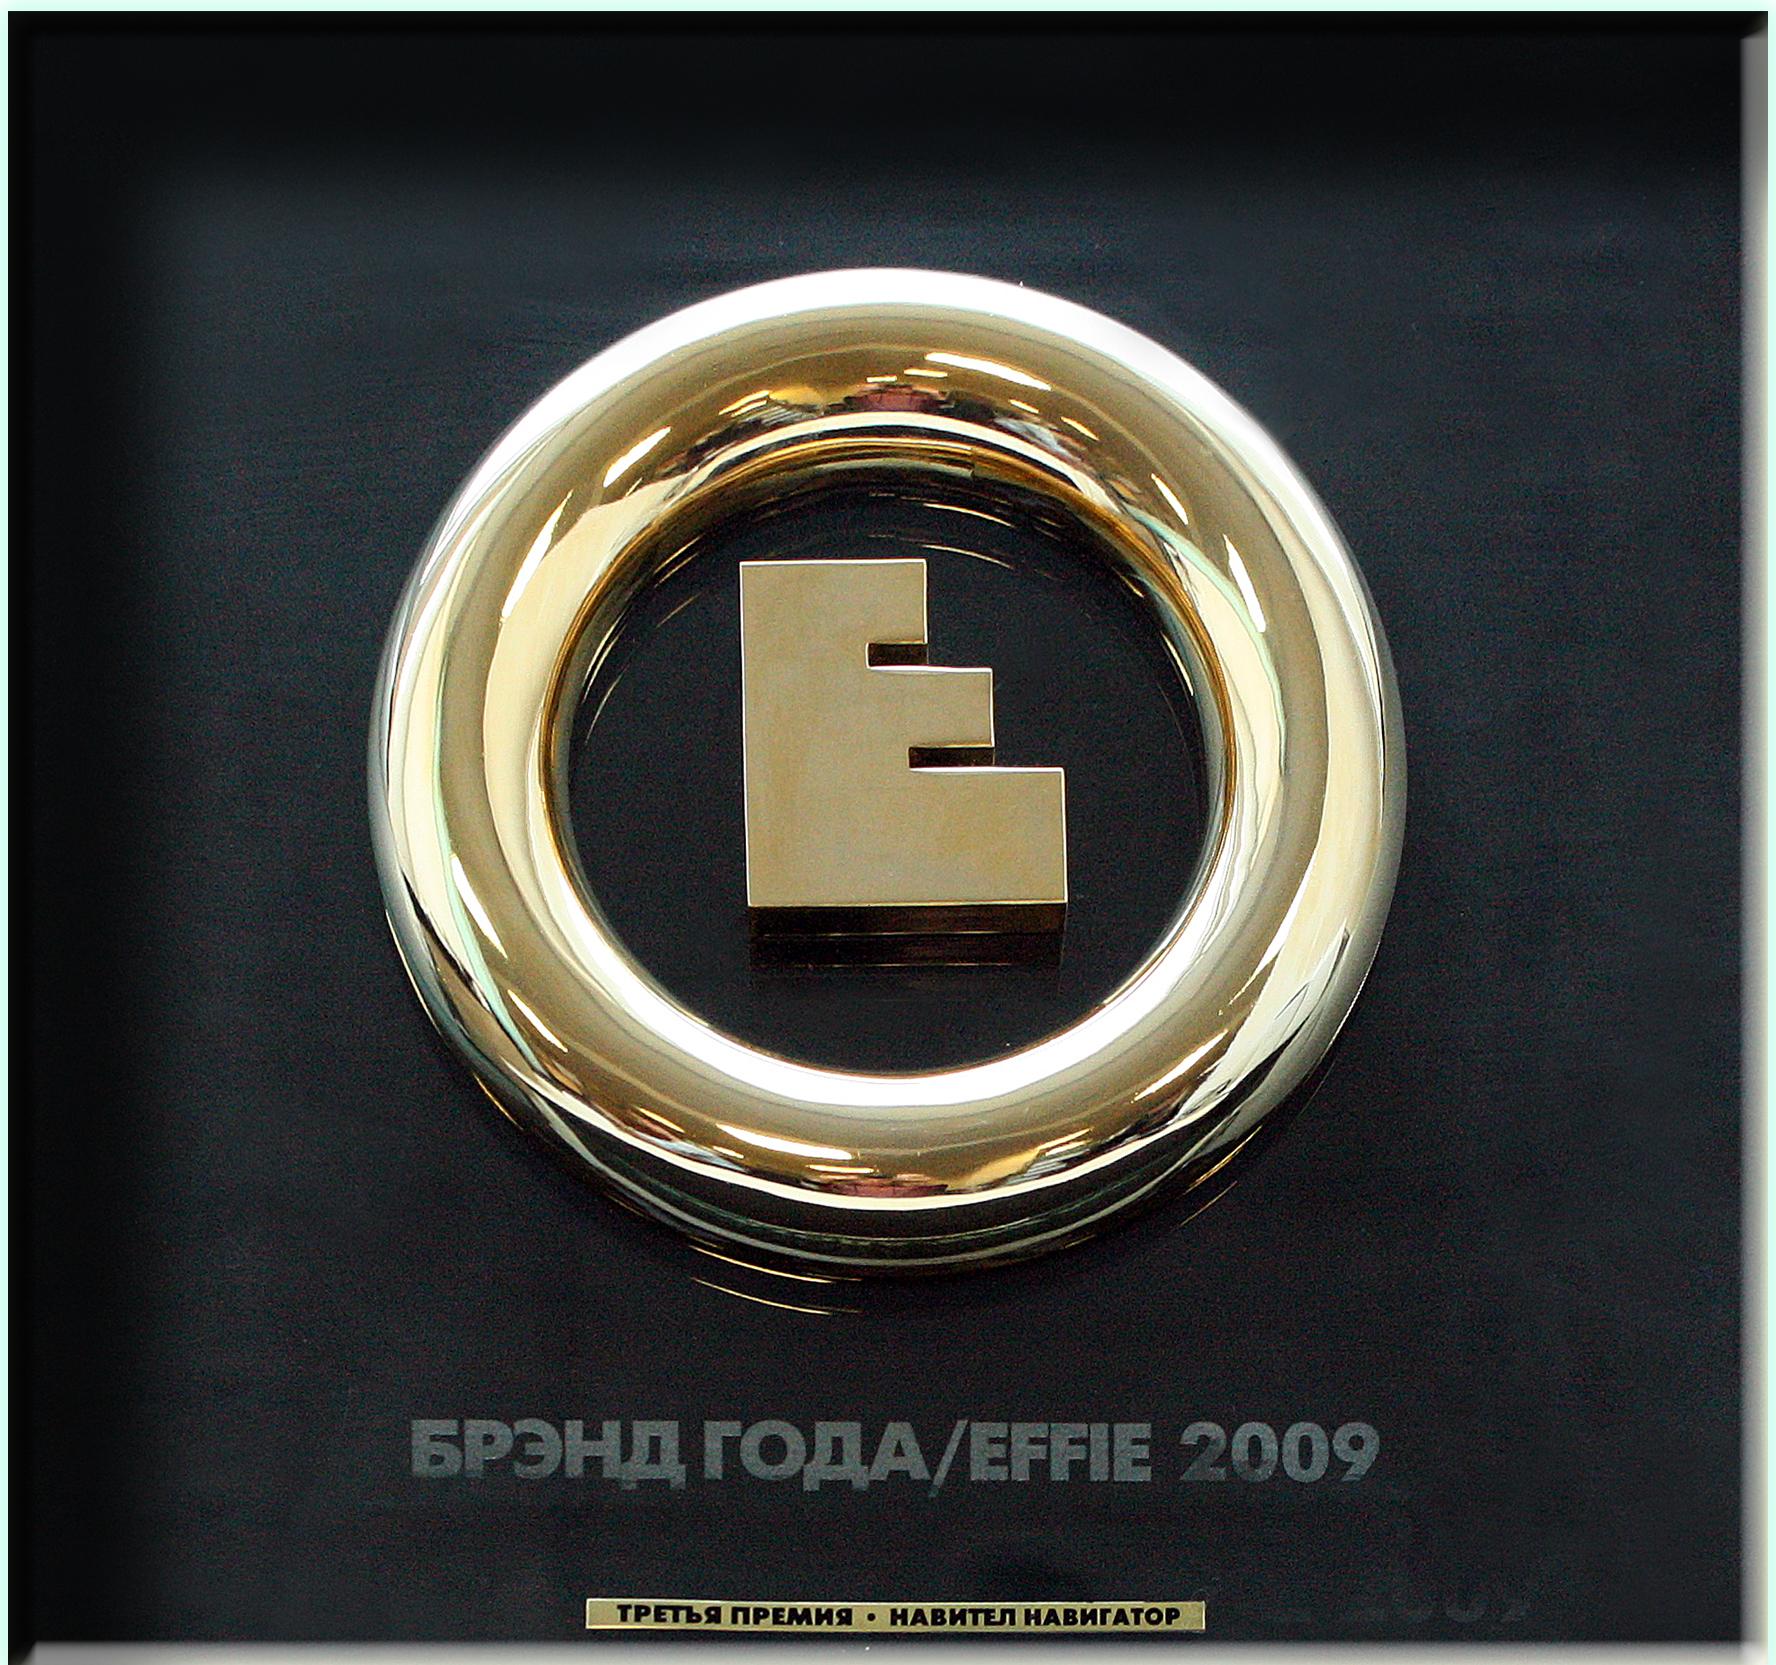 Effie 2009